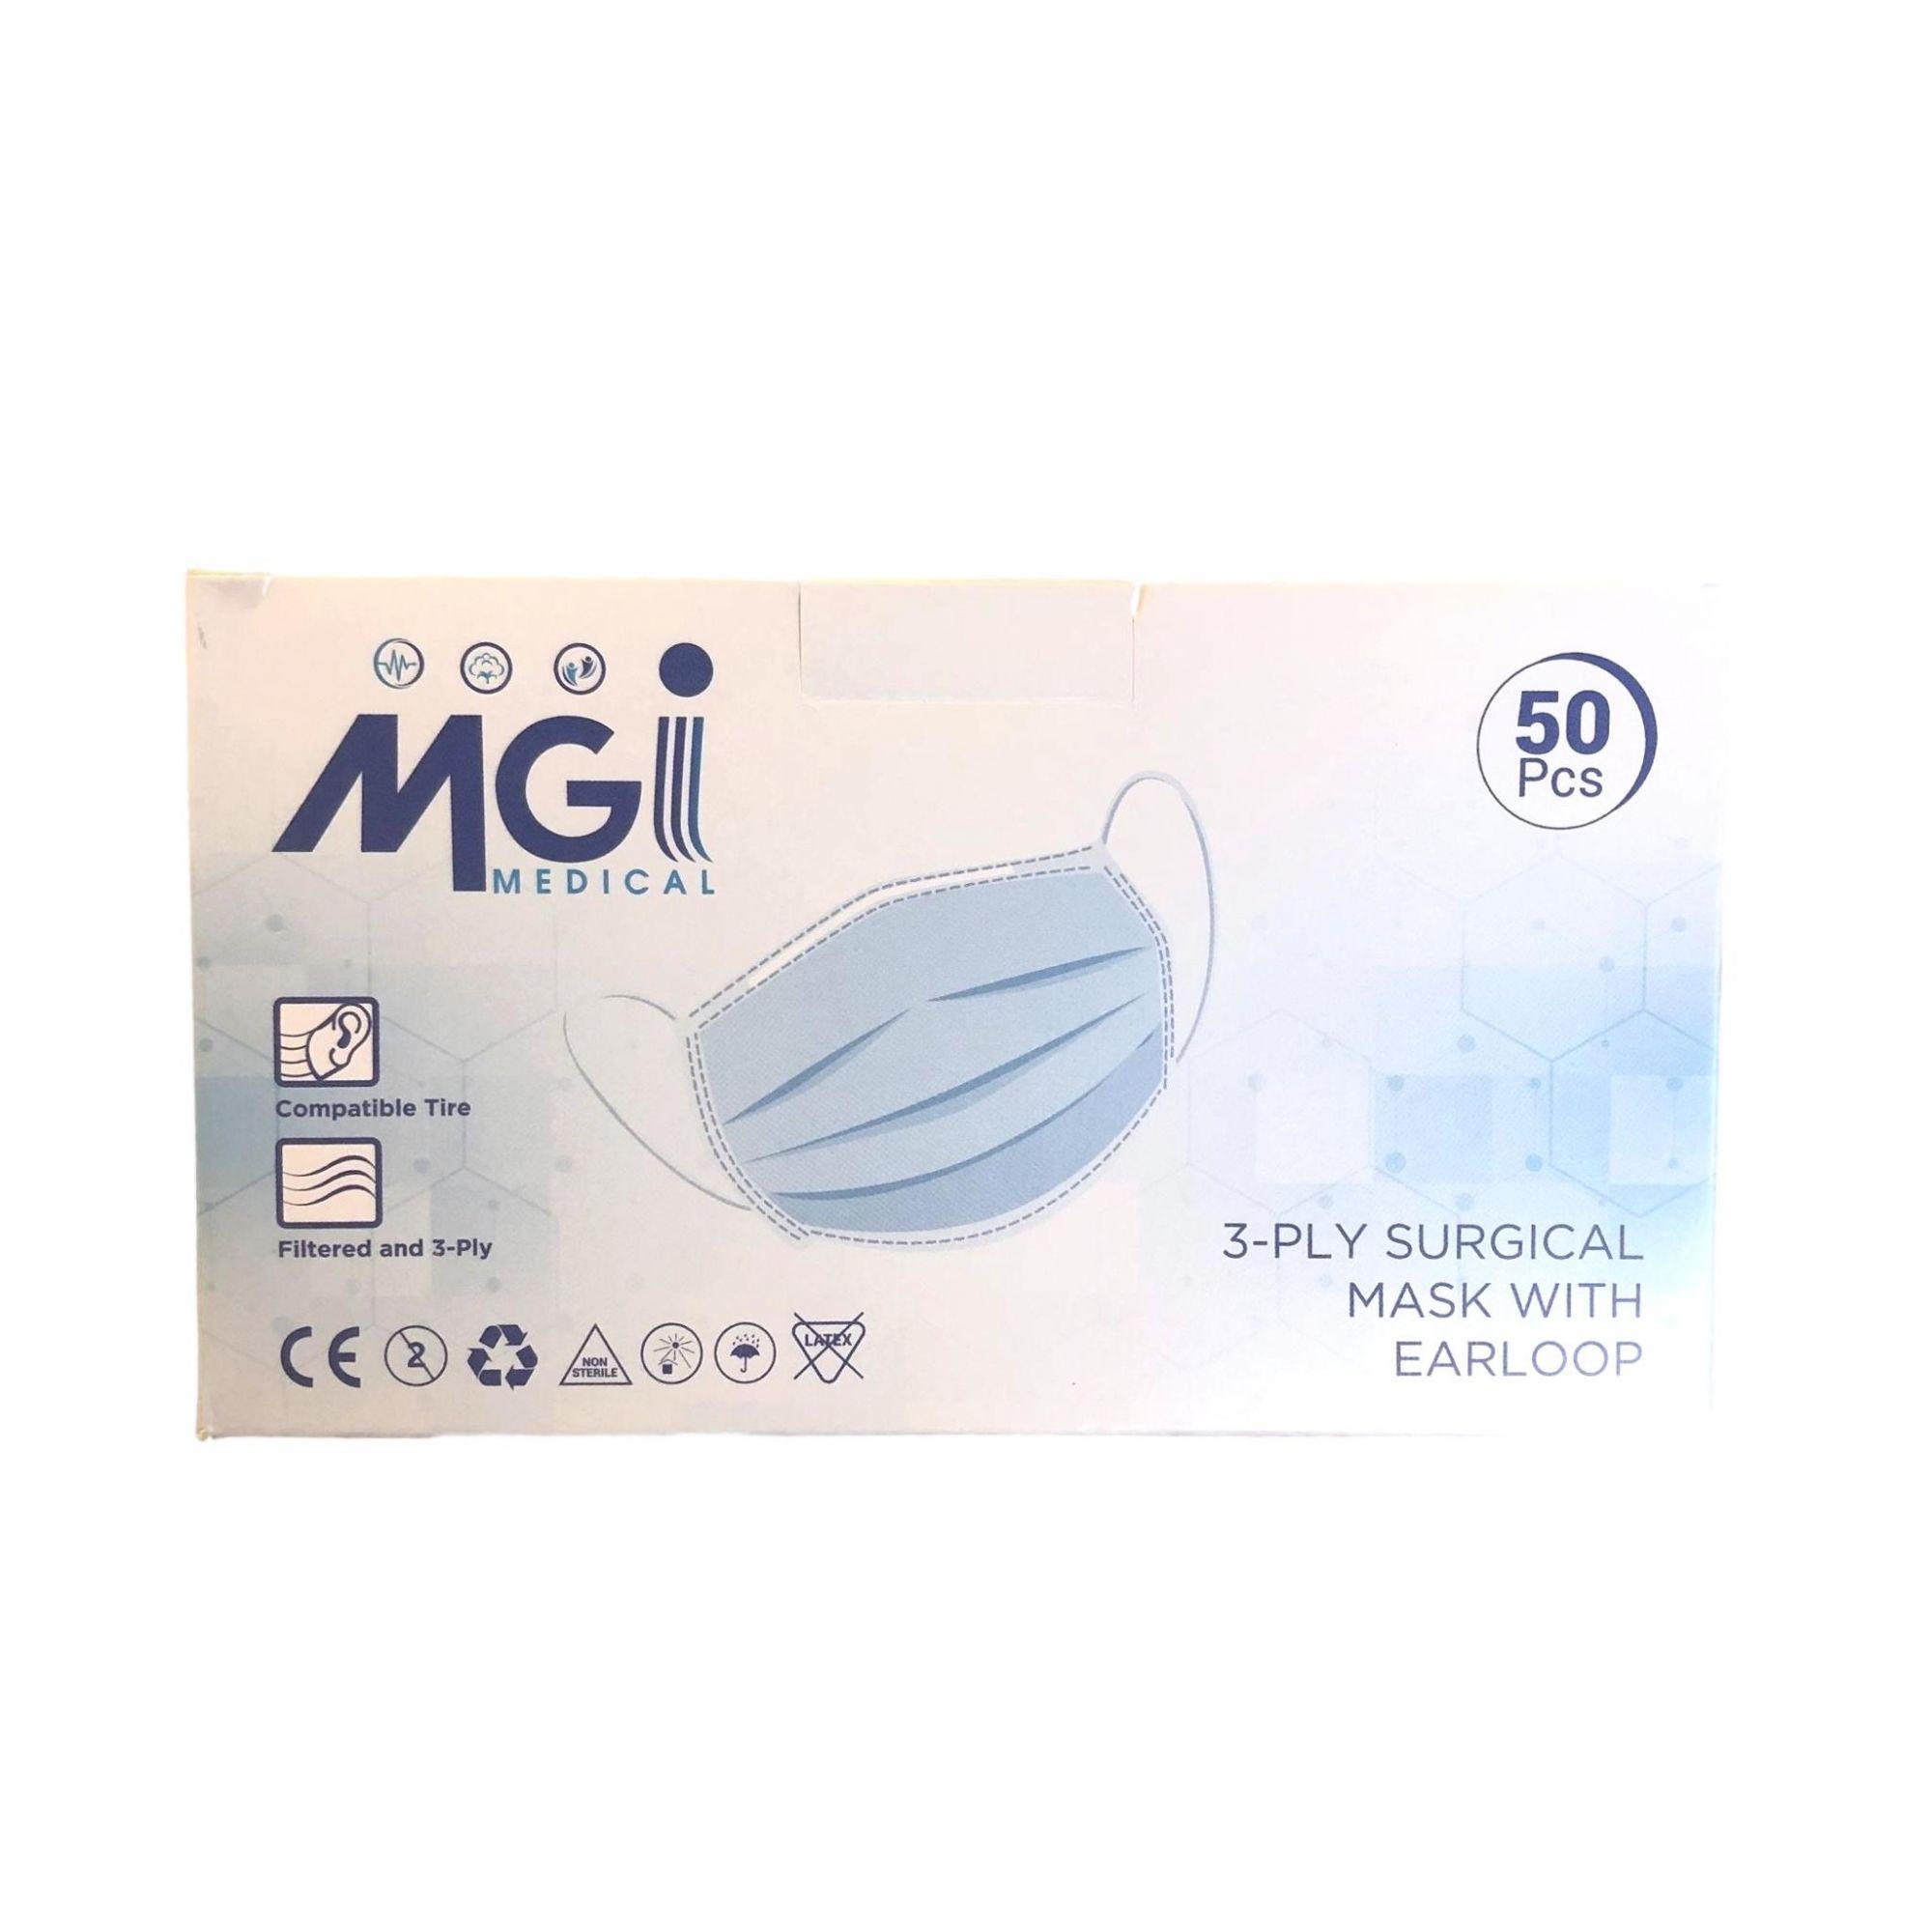 Masque chirurgical 3 plis de type II - Norme EN14683 - Certification CE - Boîte de 50 masques - My Podologie